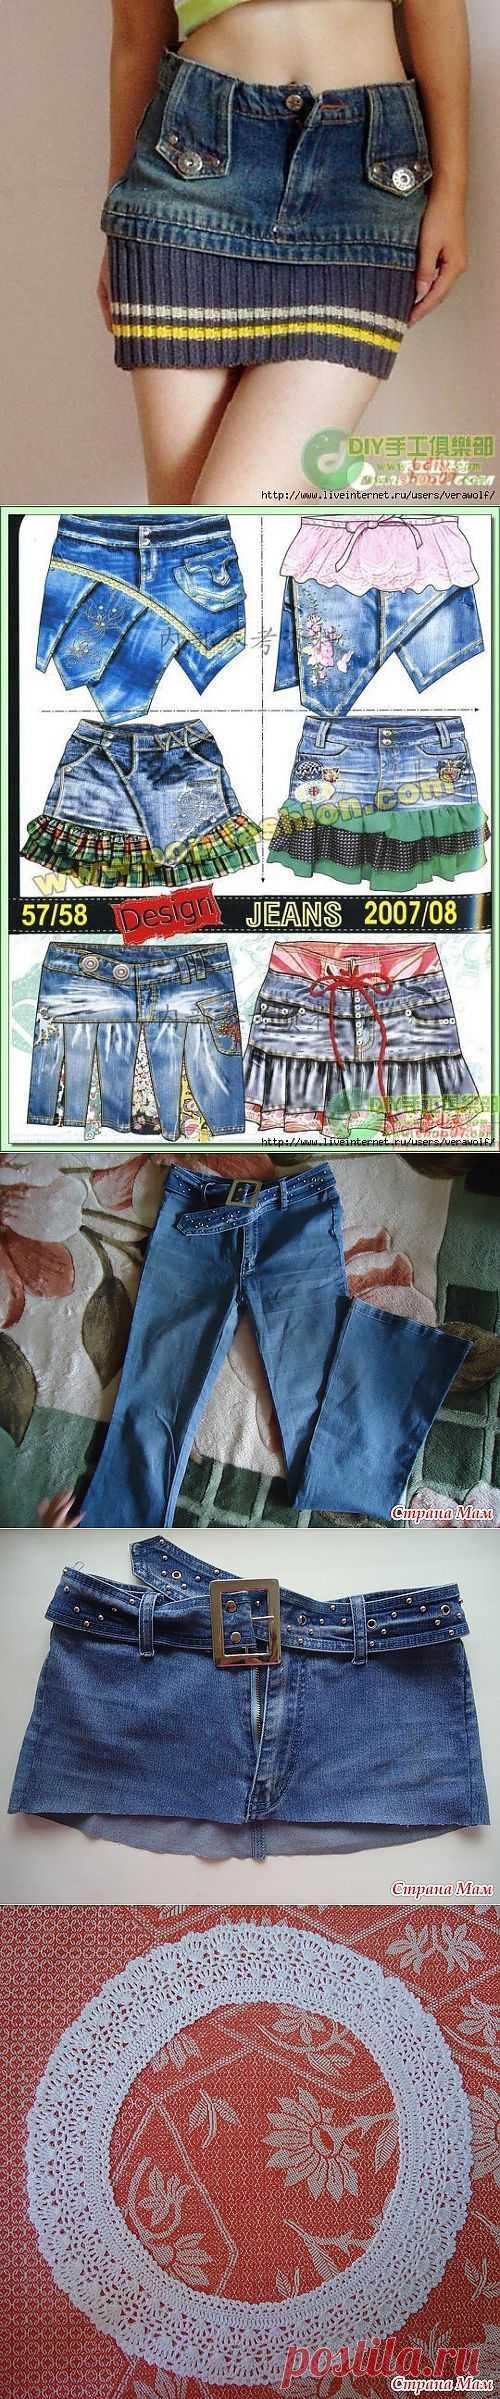 Переделки джинсовых юбок (трафик) / Юбки и их переделки /